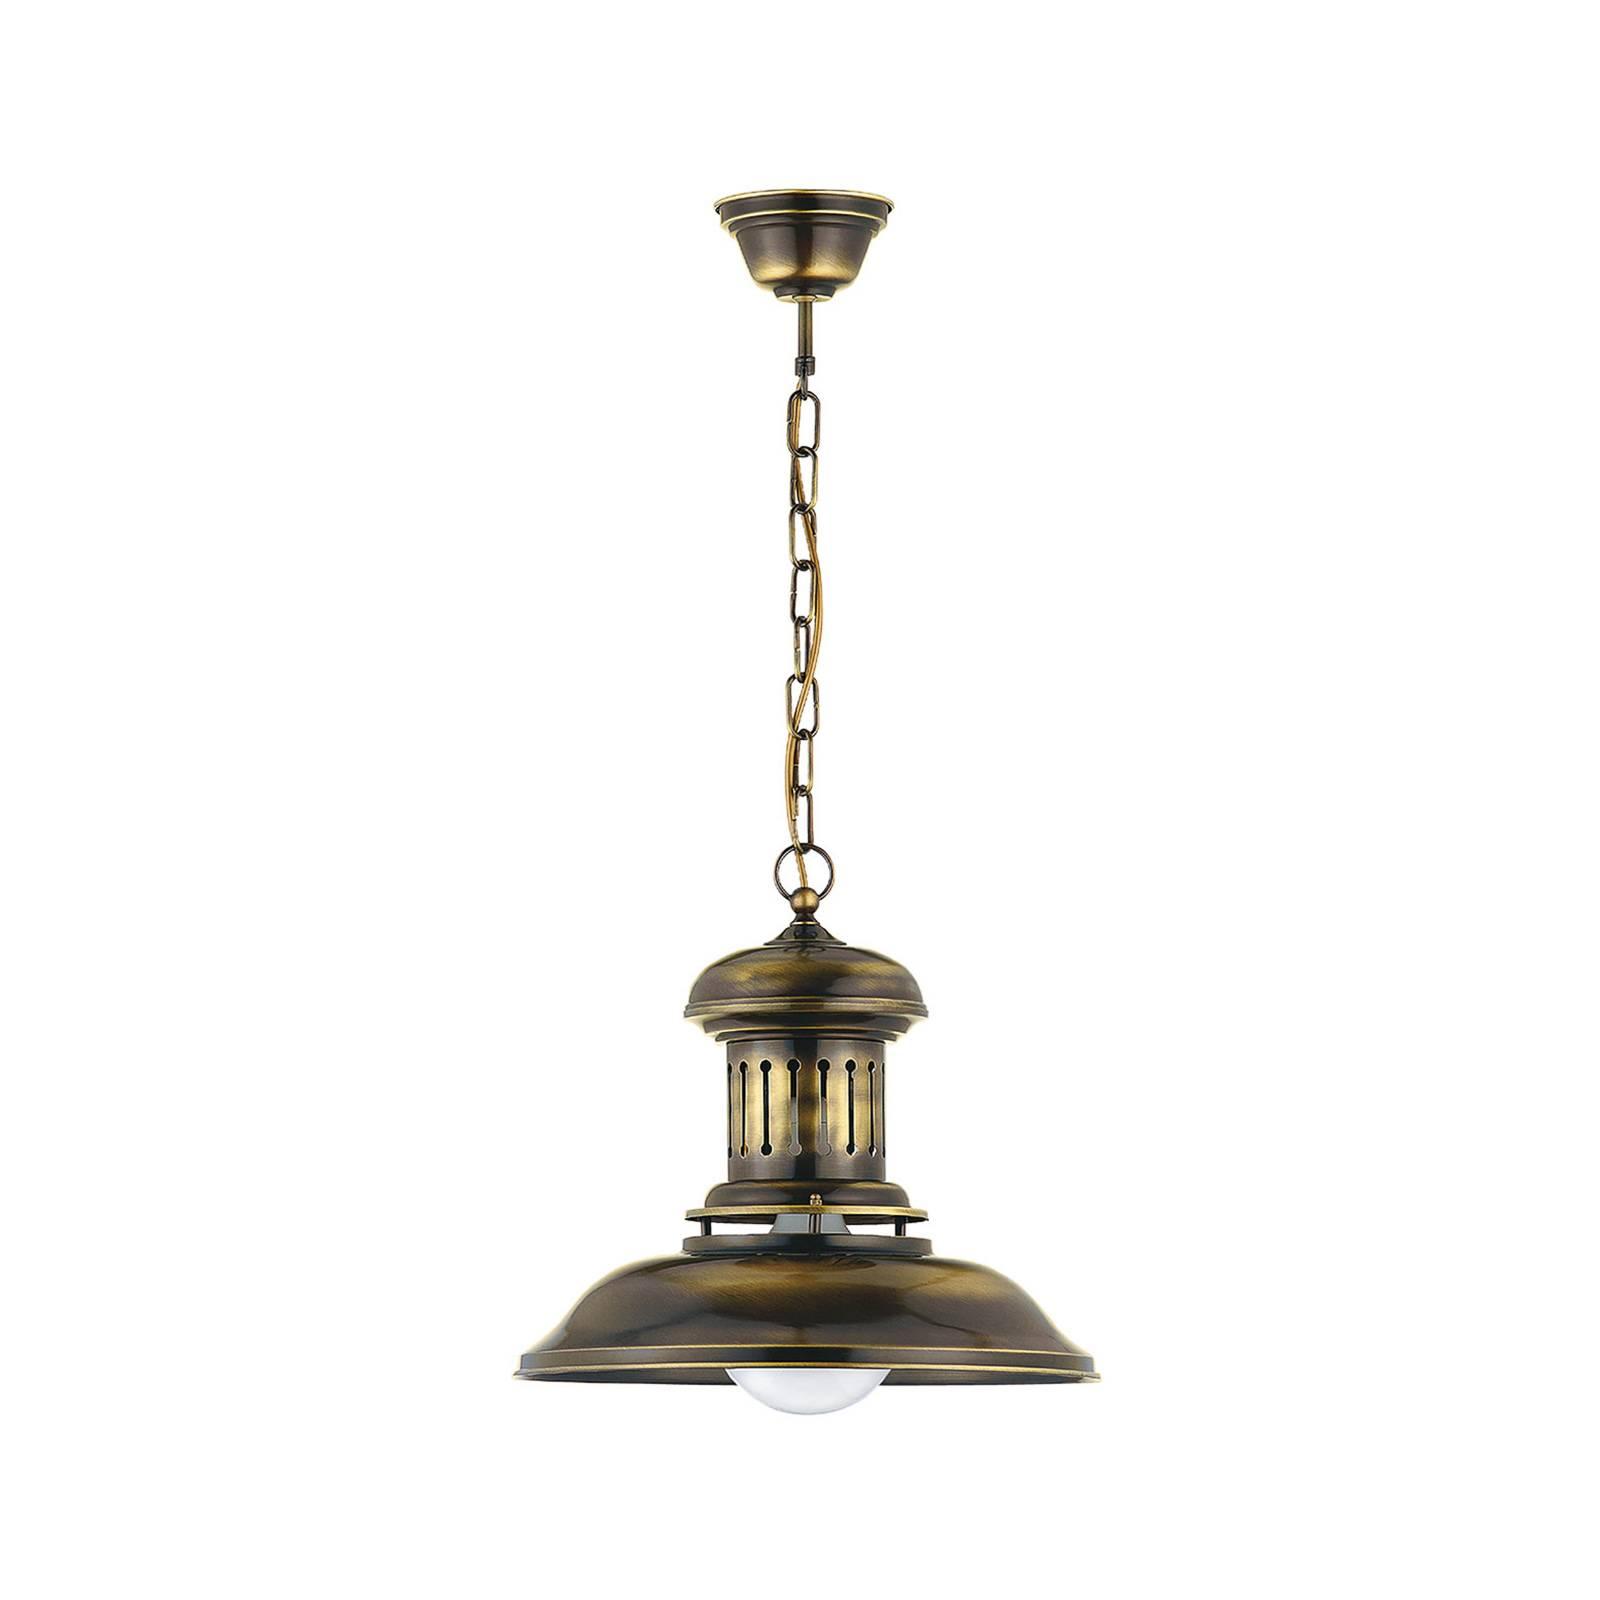 Riippuvalo Bell, 1-lamppuinen, antiikki messinki